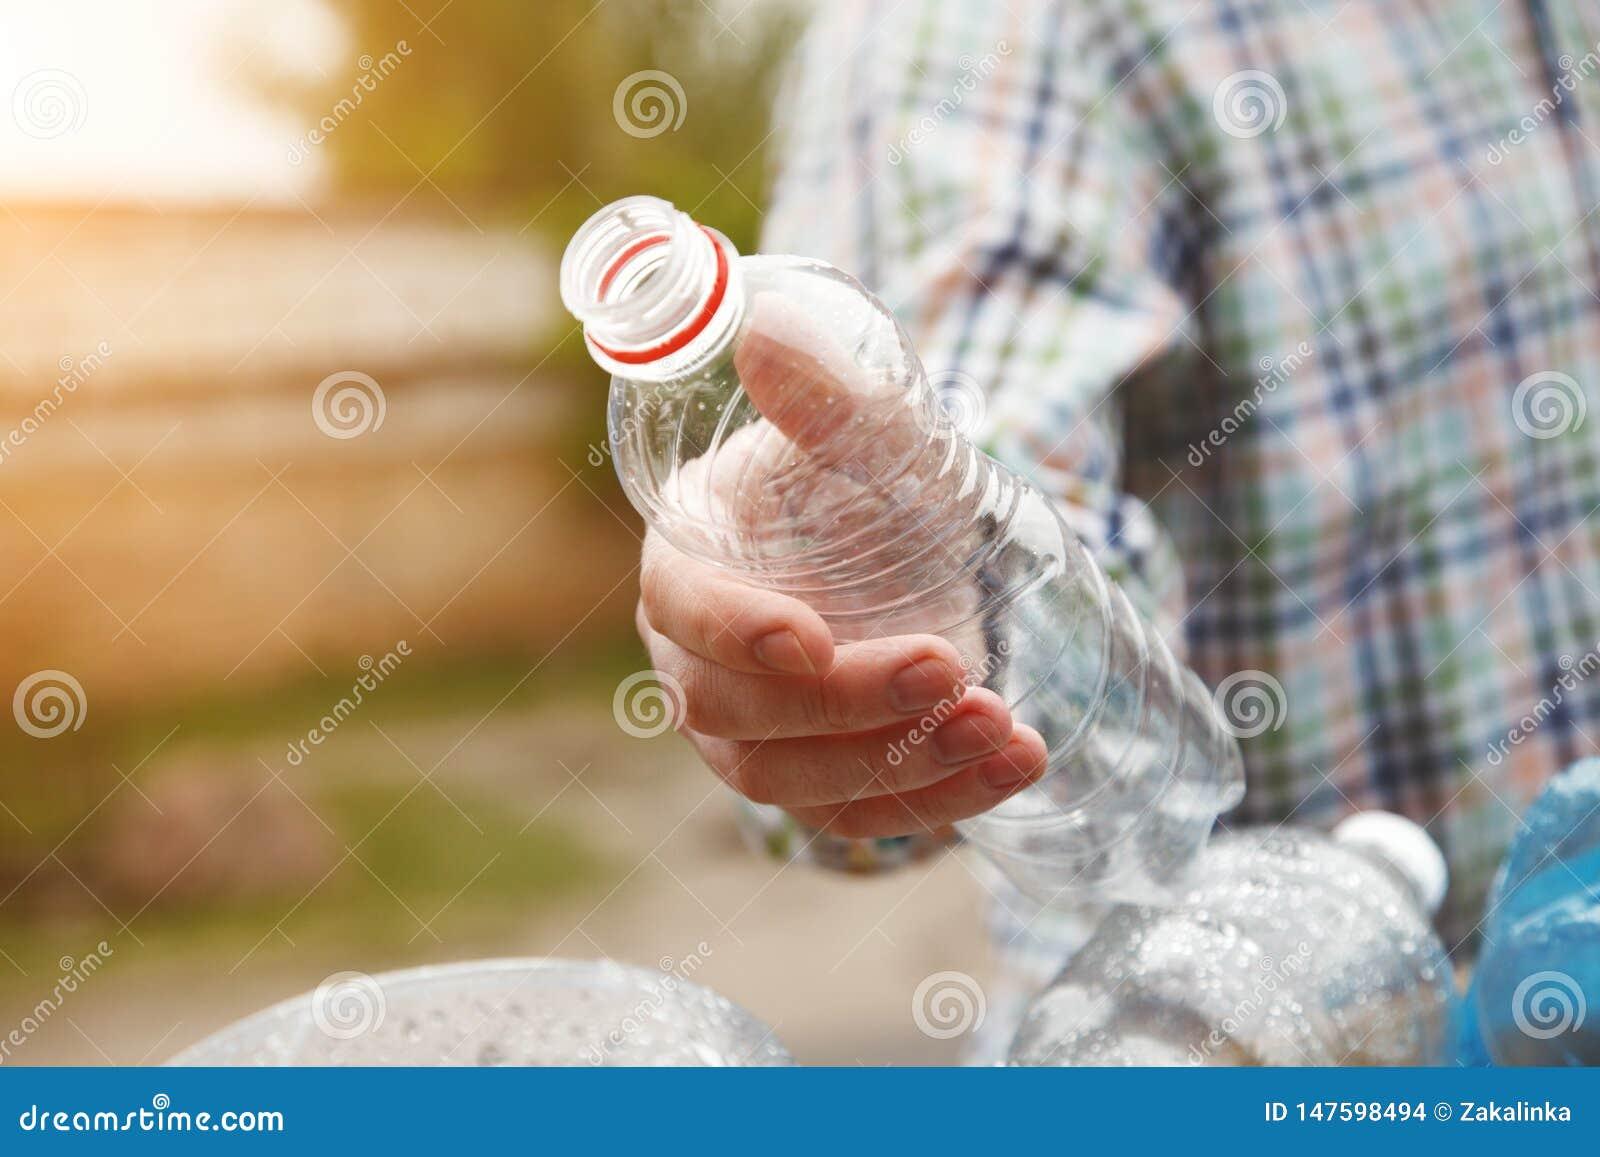 La main de l homme jetant la bouteille en plastique recyclable transparente claire dans la poubelle de déchets